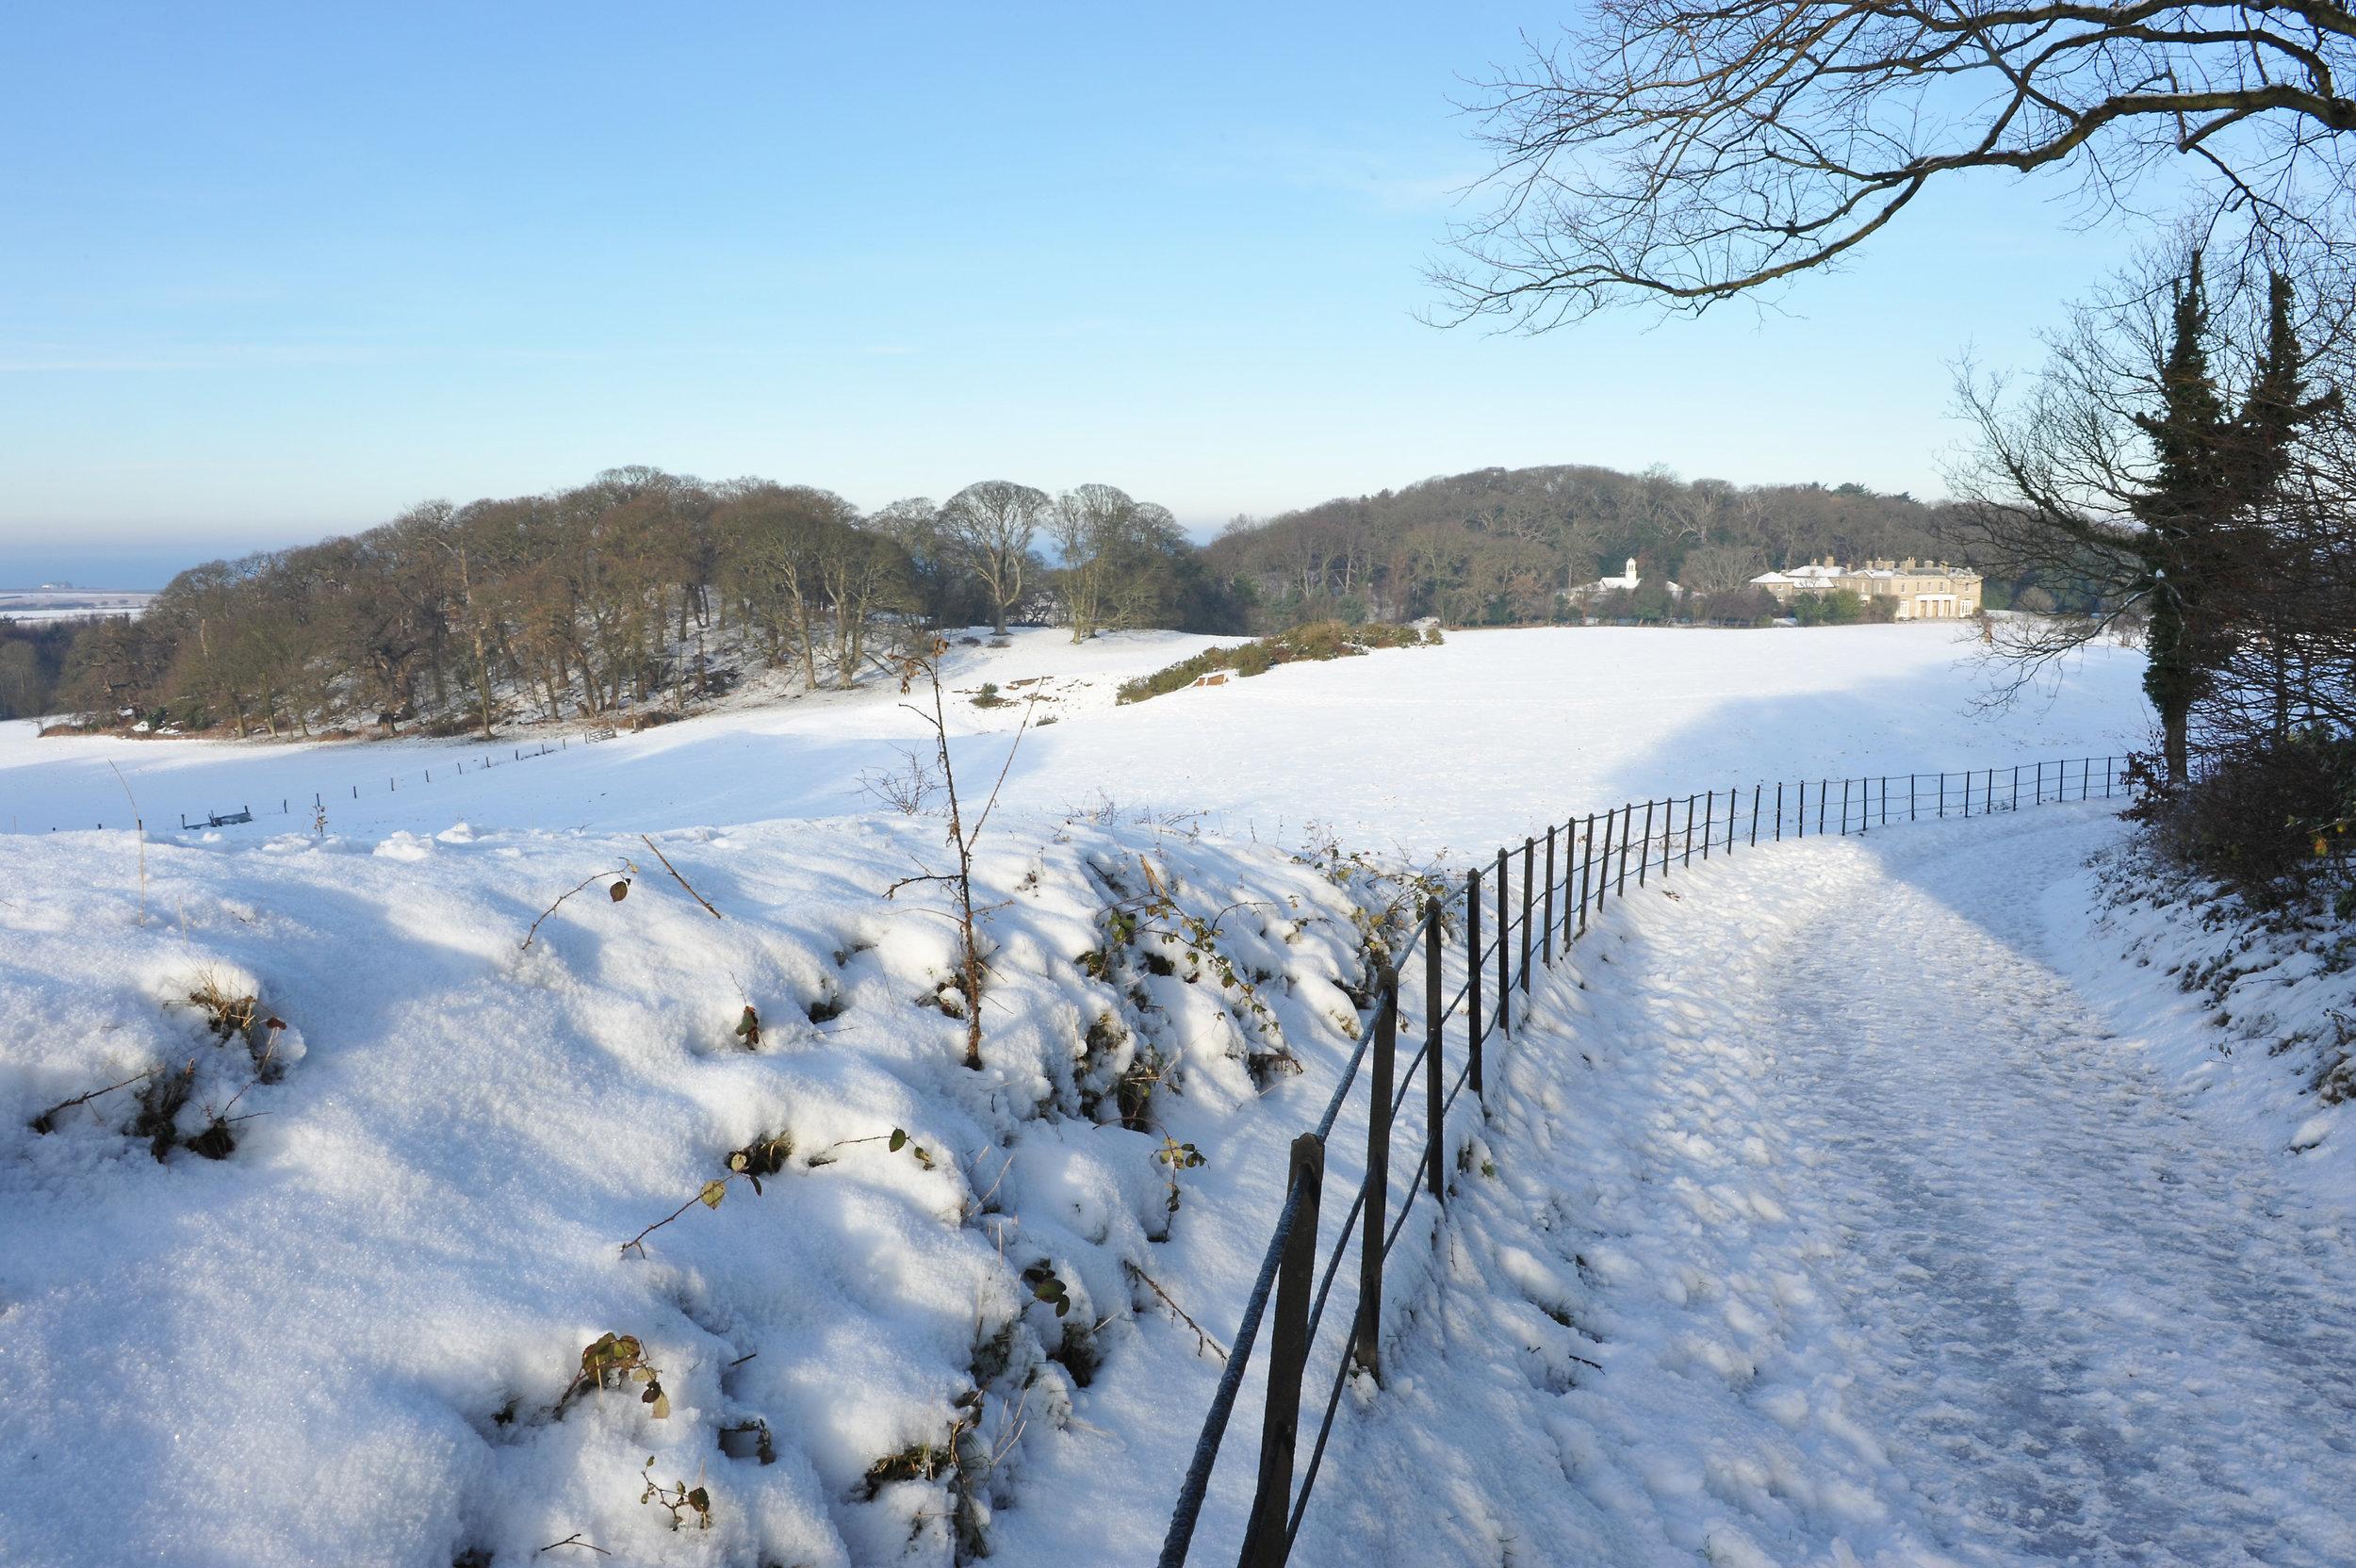 Sherringham Park National Trust Images Fisheye Images 1203294.jpg